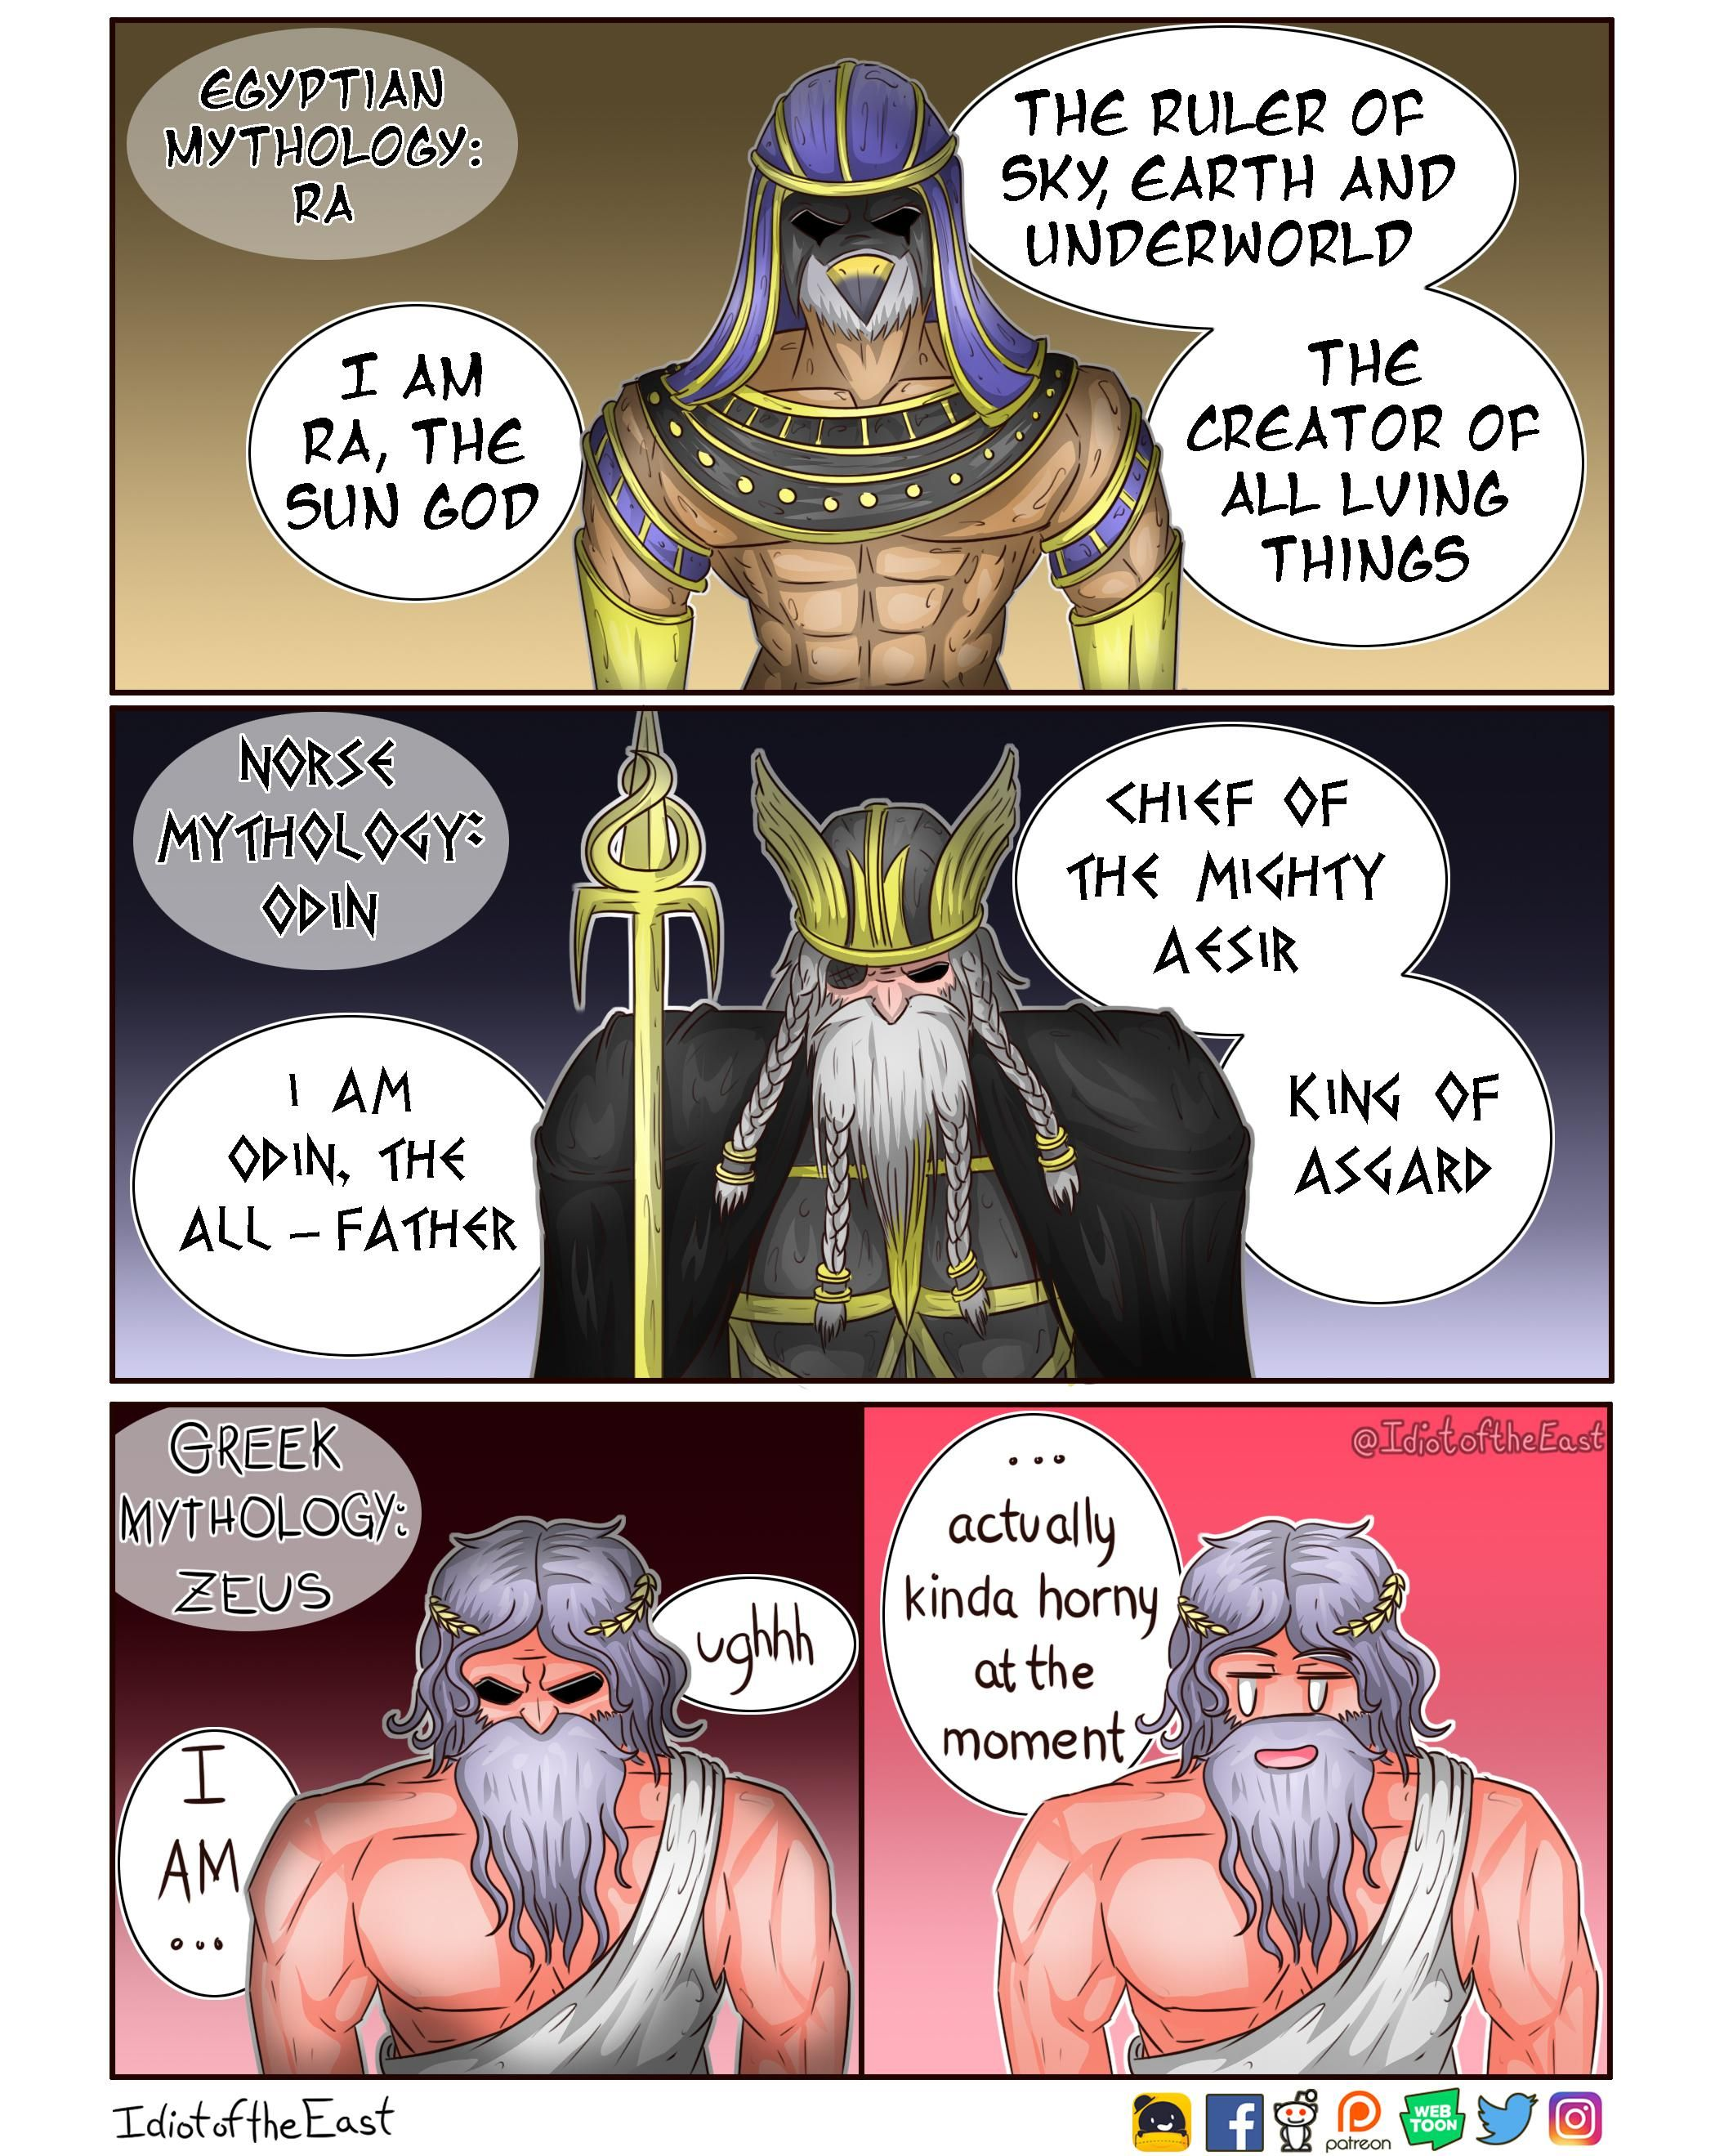 Typical Zeus